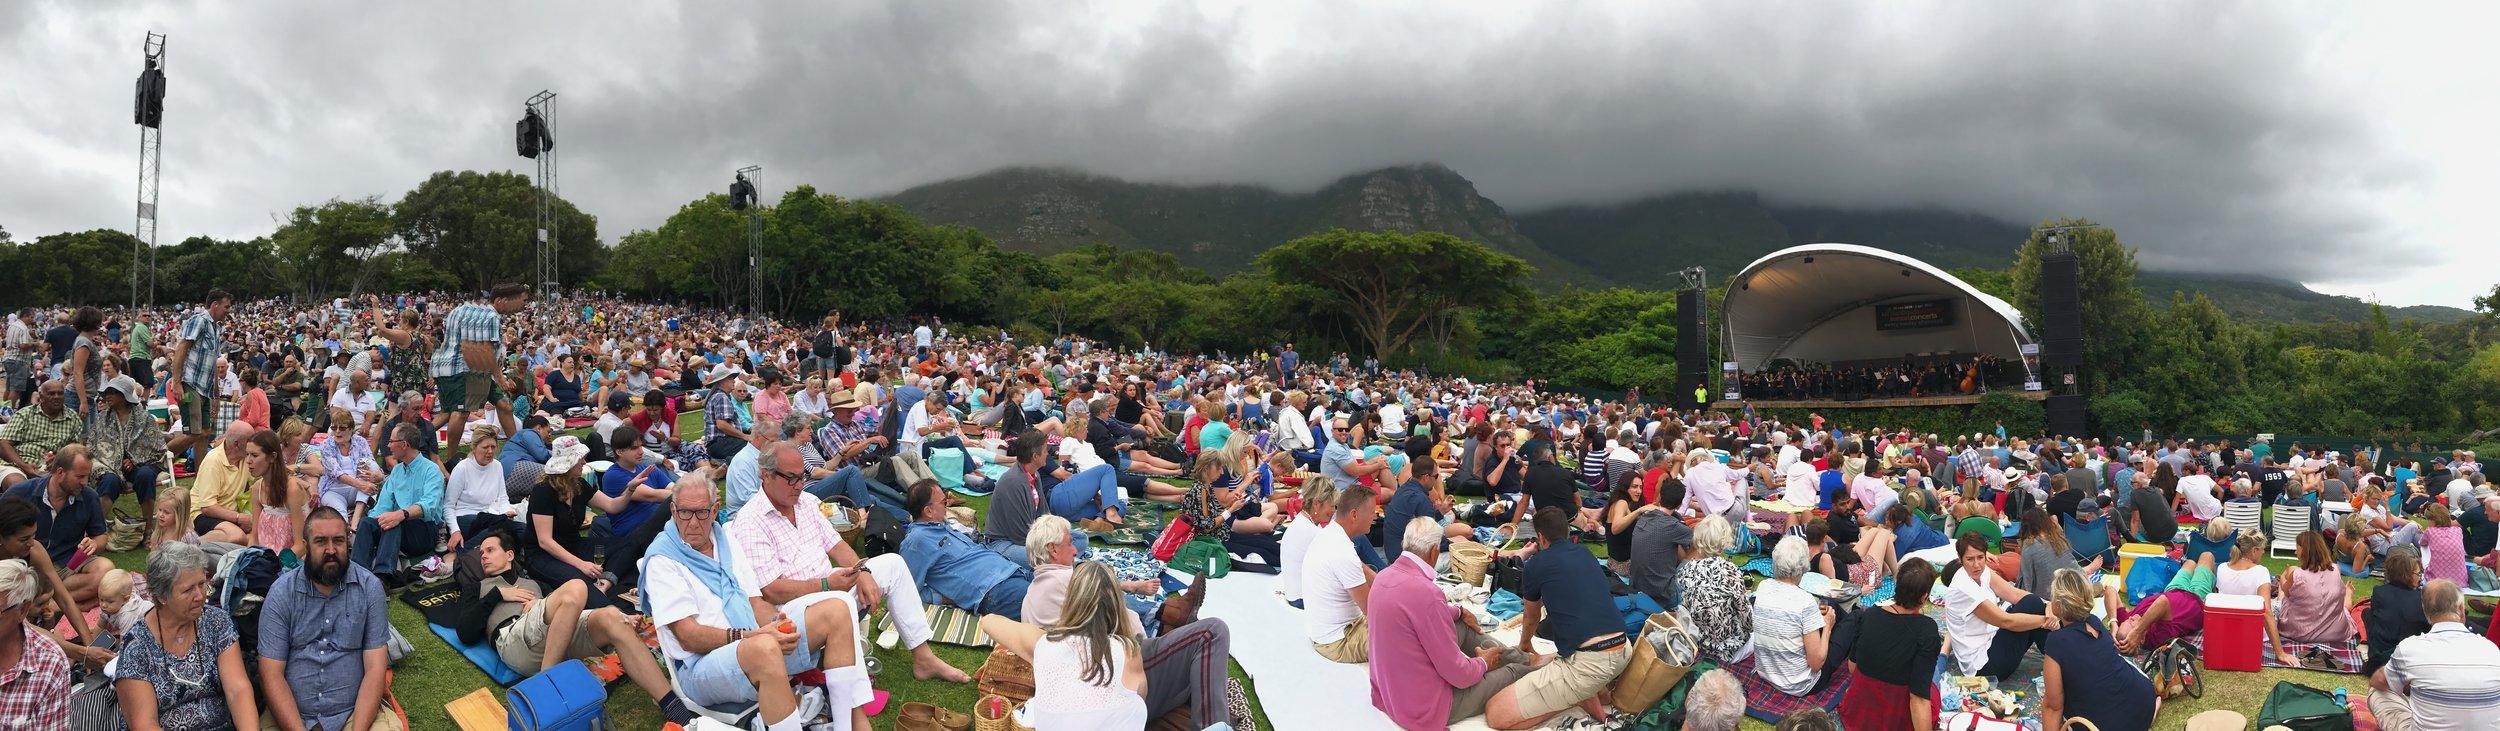 The crowds at Kirstenbosch